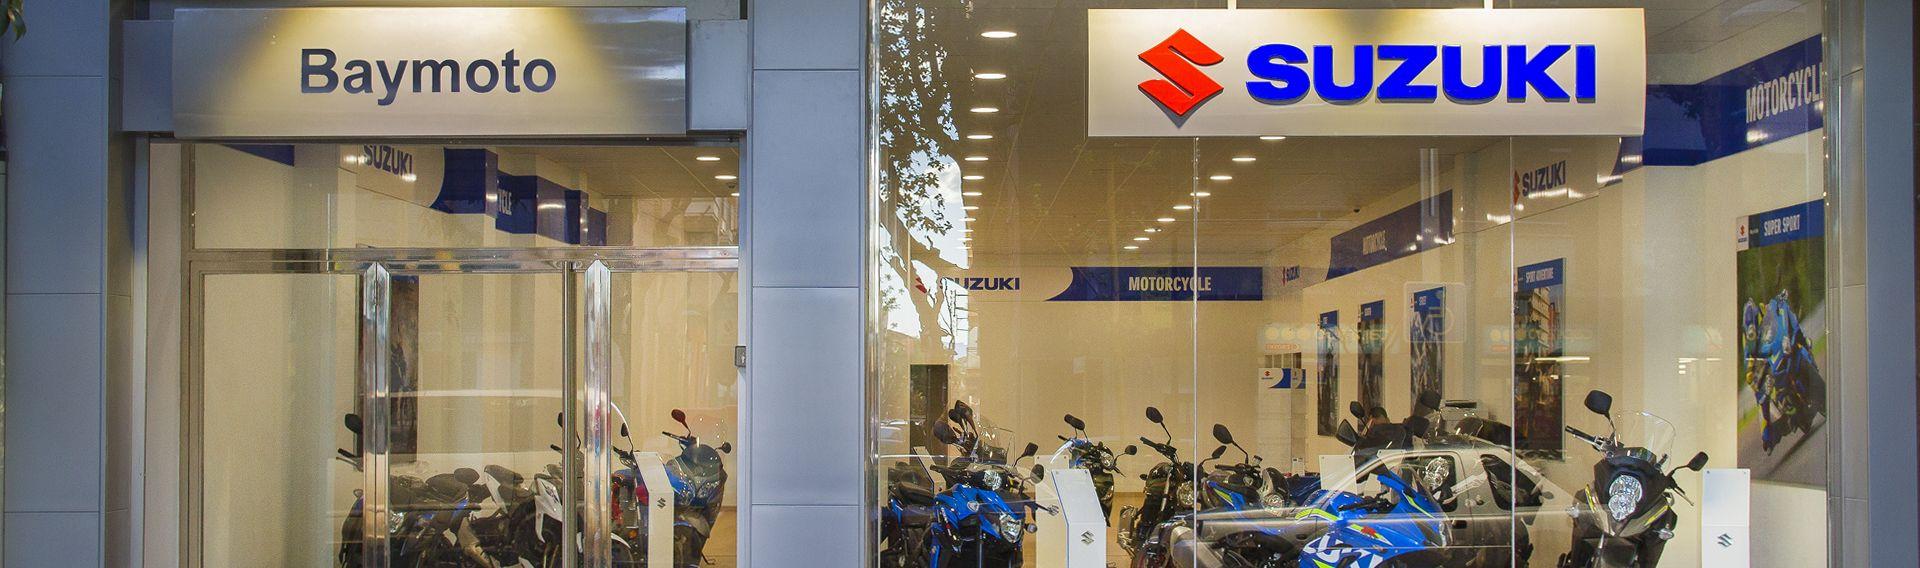 Abierta la nueva tienda de Suzuki en Reus